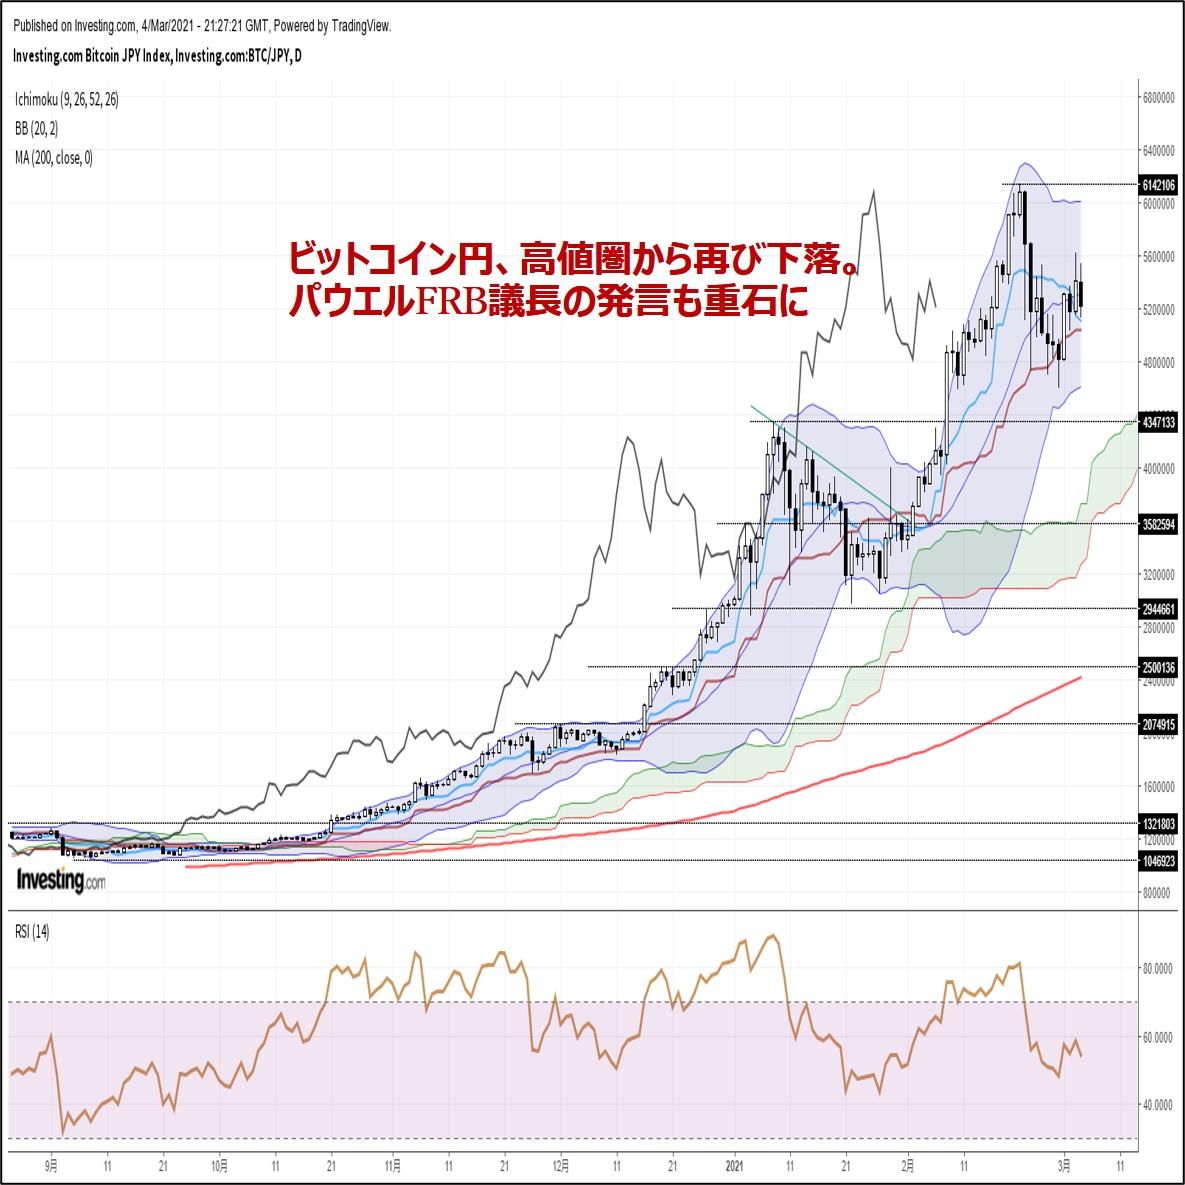 ビットコイン円、高値圏から再び反落。パウエルFRB議長の発言も重石に(3/5朝)